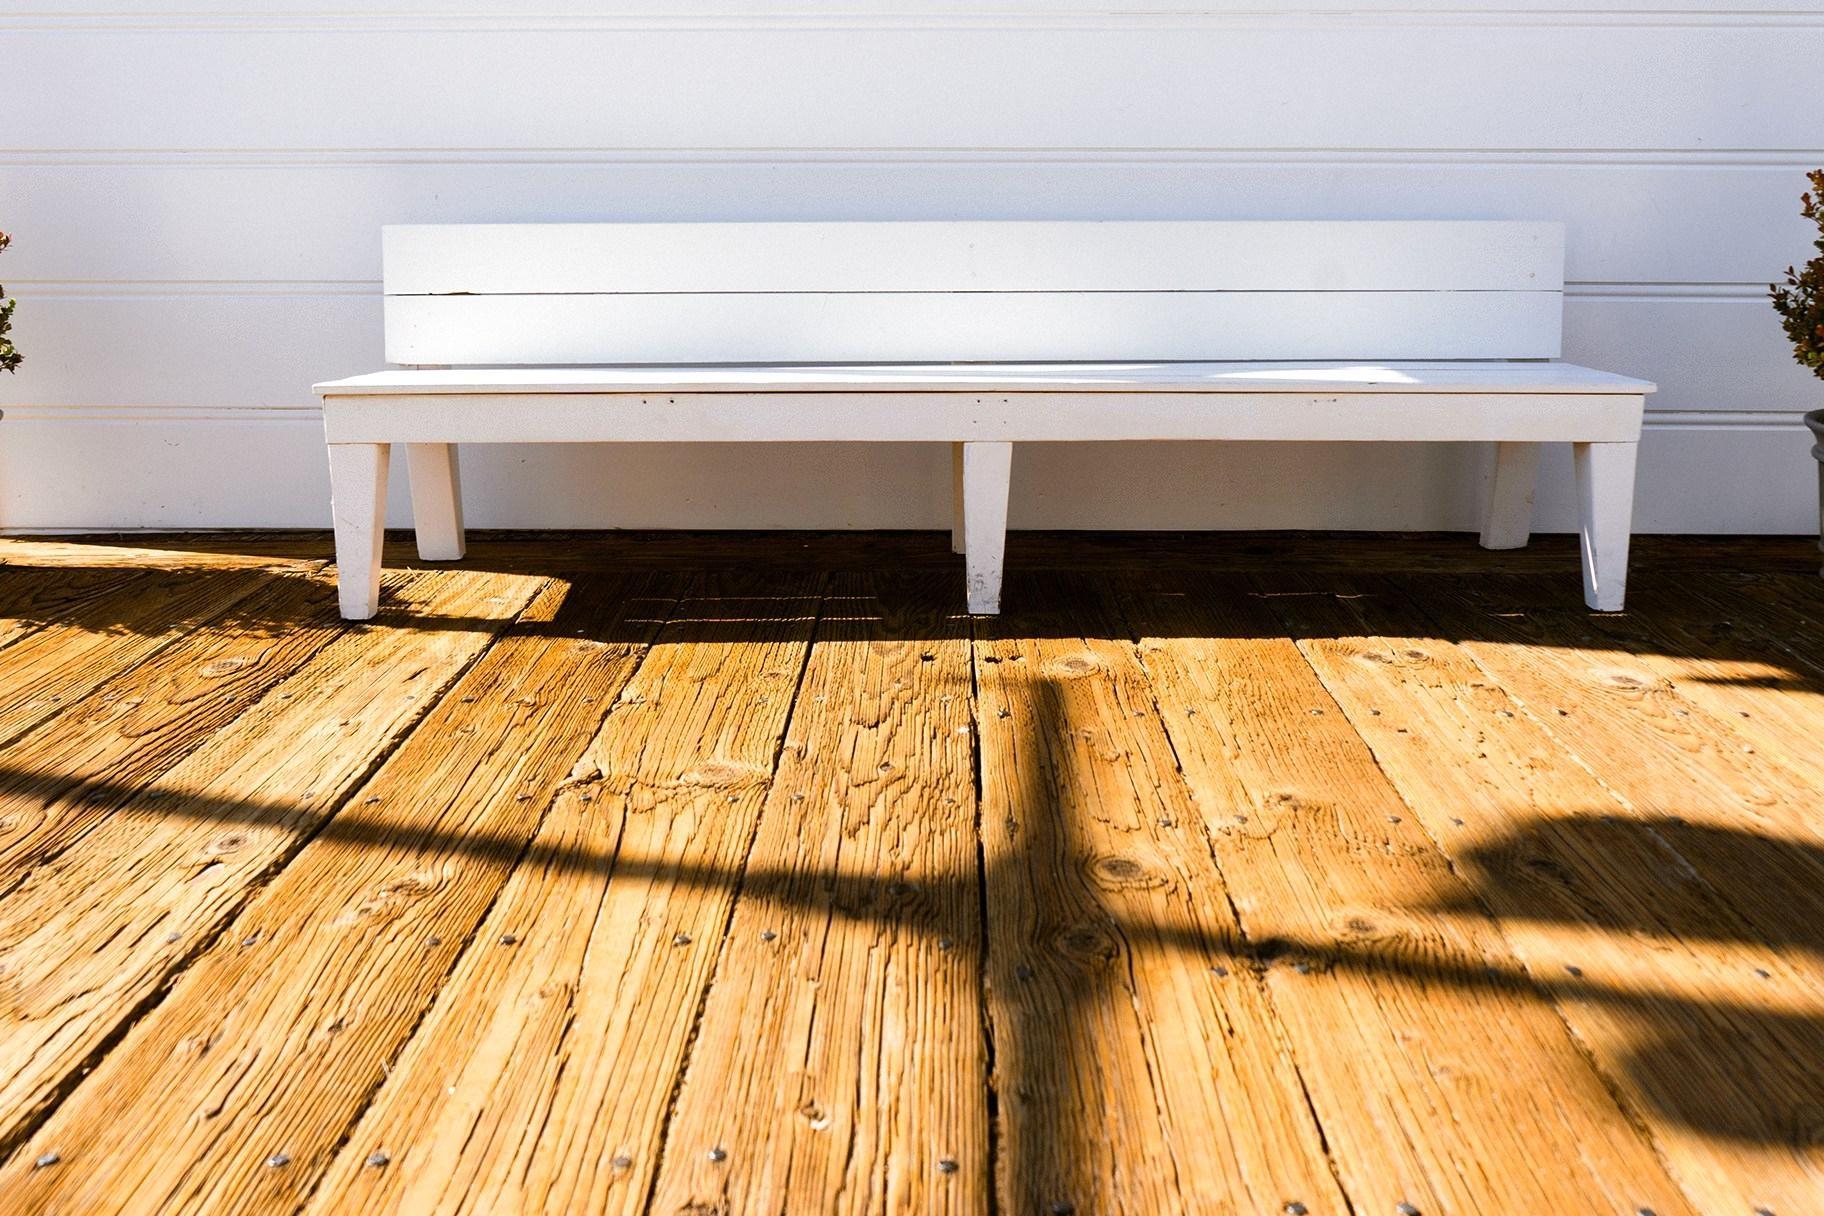 Image libre bois ext rieur plancher meuble bois mur for Meuble mural exterieur